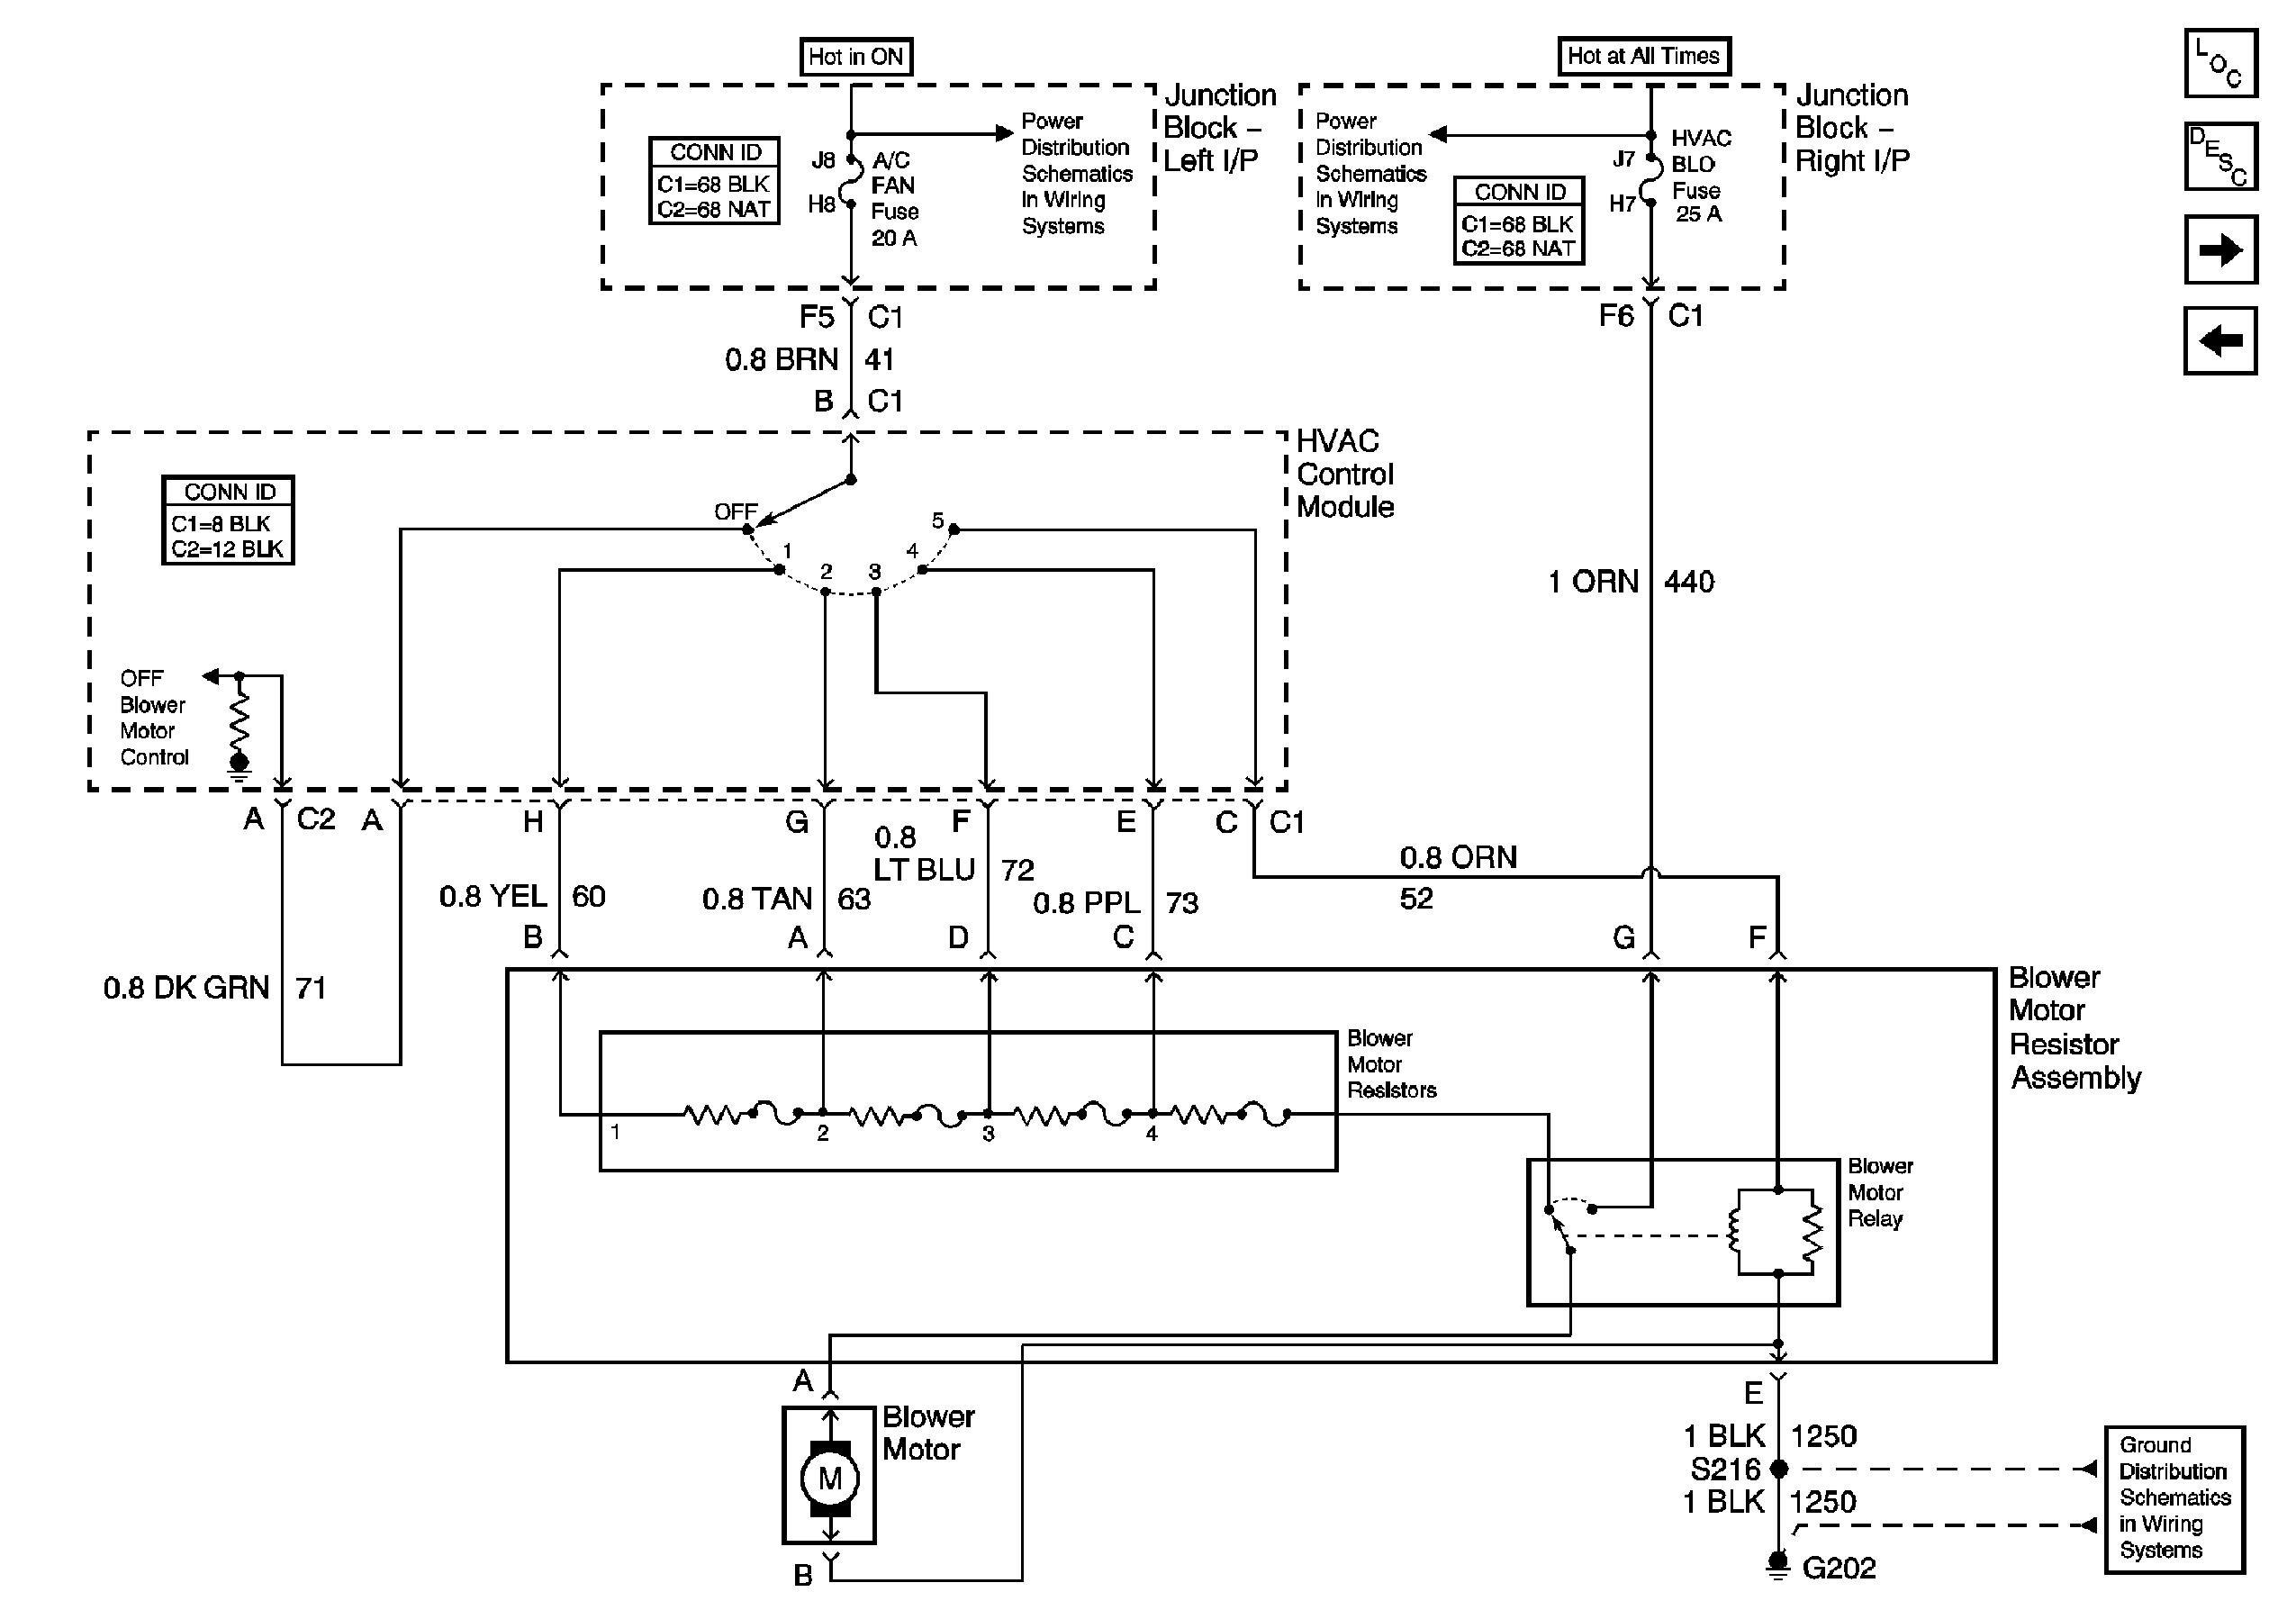 2004 impala power window wiring diagram